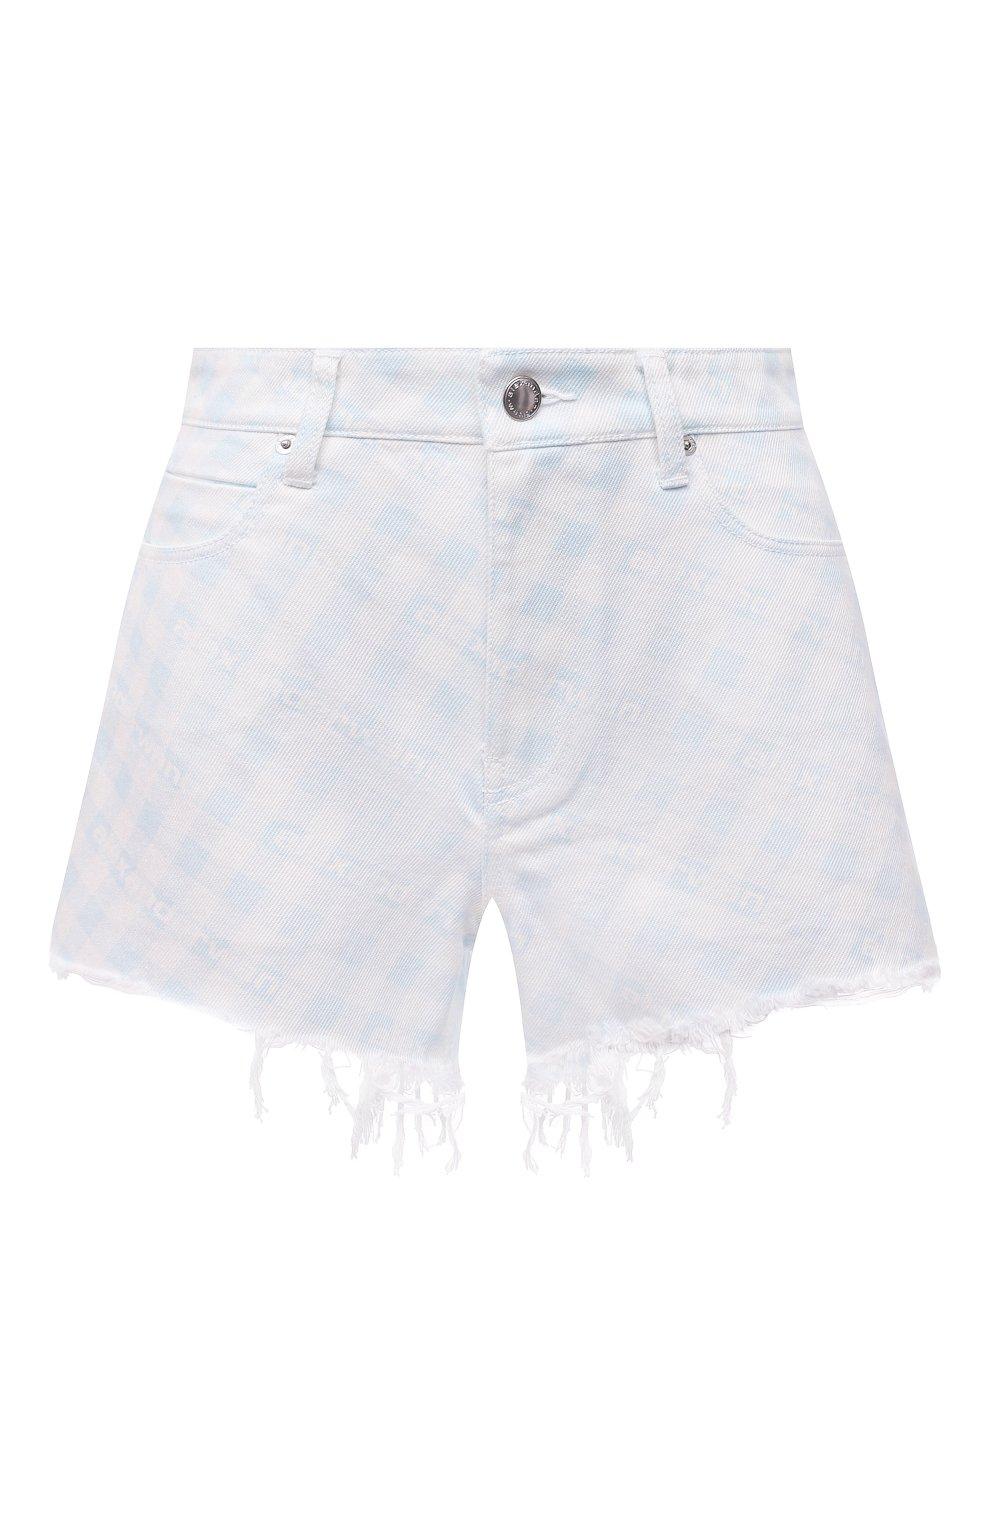 Женские джинсовые шорты DENIM X ALEXANDER WANG голубого цвета, арт. 4DC2214938 | Фото 1 (Женское Кросс-КТ: Шорты-одежда; Кросс-КТ: Деним; Длина Ж (юбки, платья, шорты): Мини; Материал внешний: Хлопок; Стили: Спорт-шик)